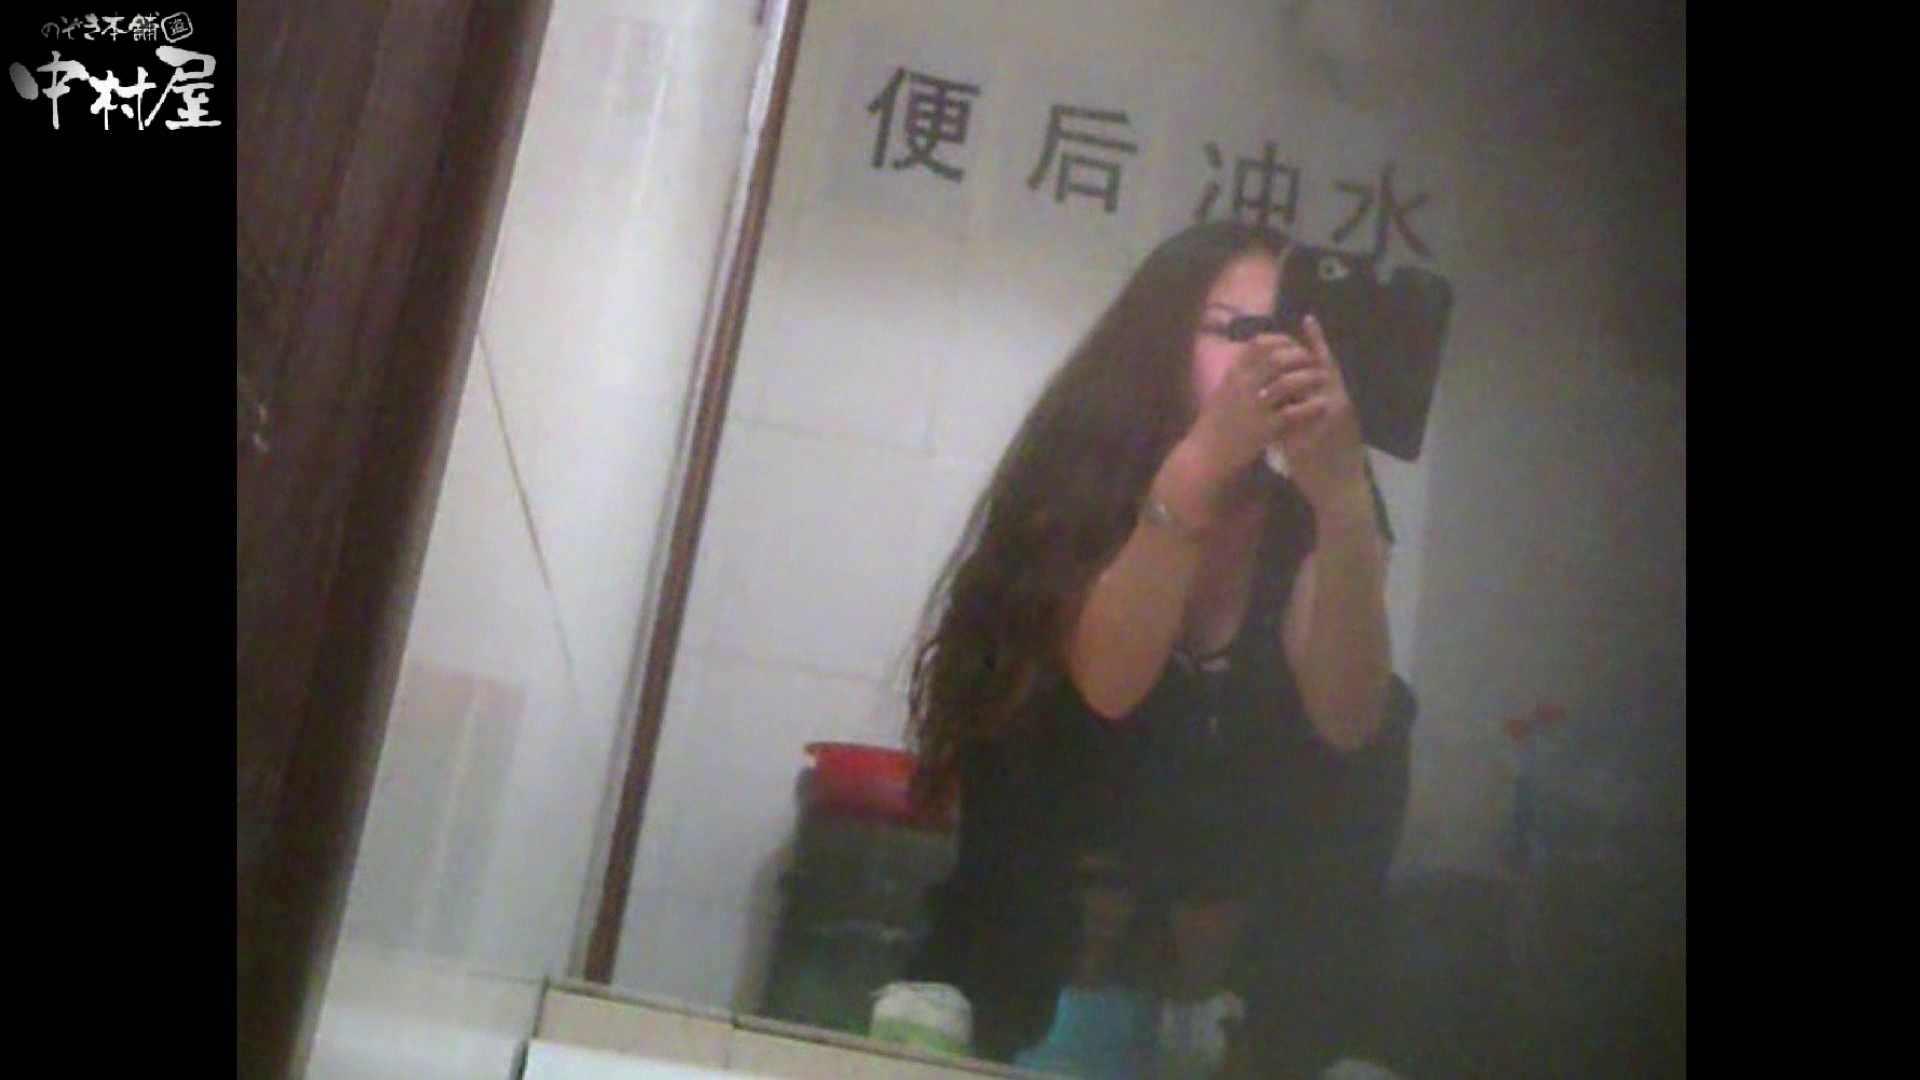 李さんの盗撮日記 Vol.03 トイレの中の女の子 セックス画像 77連発 46